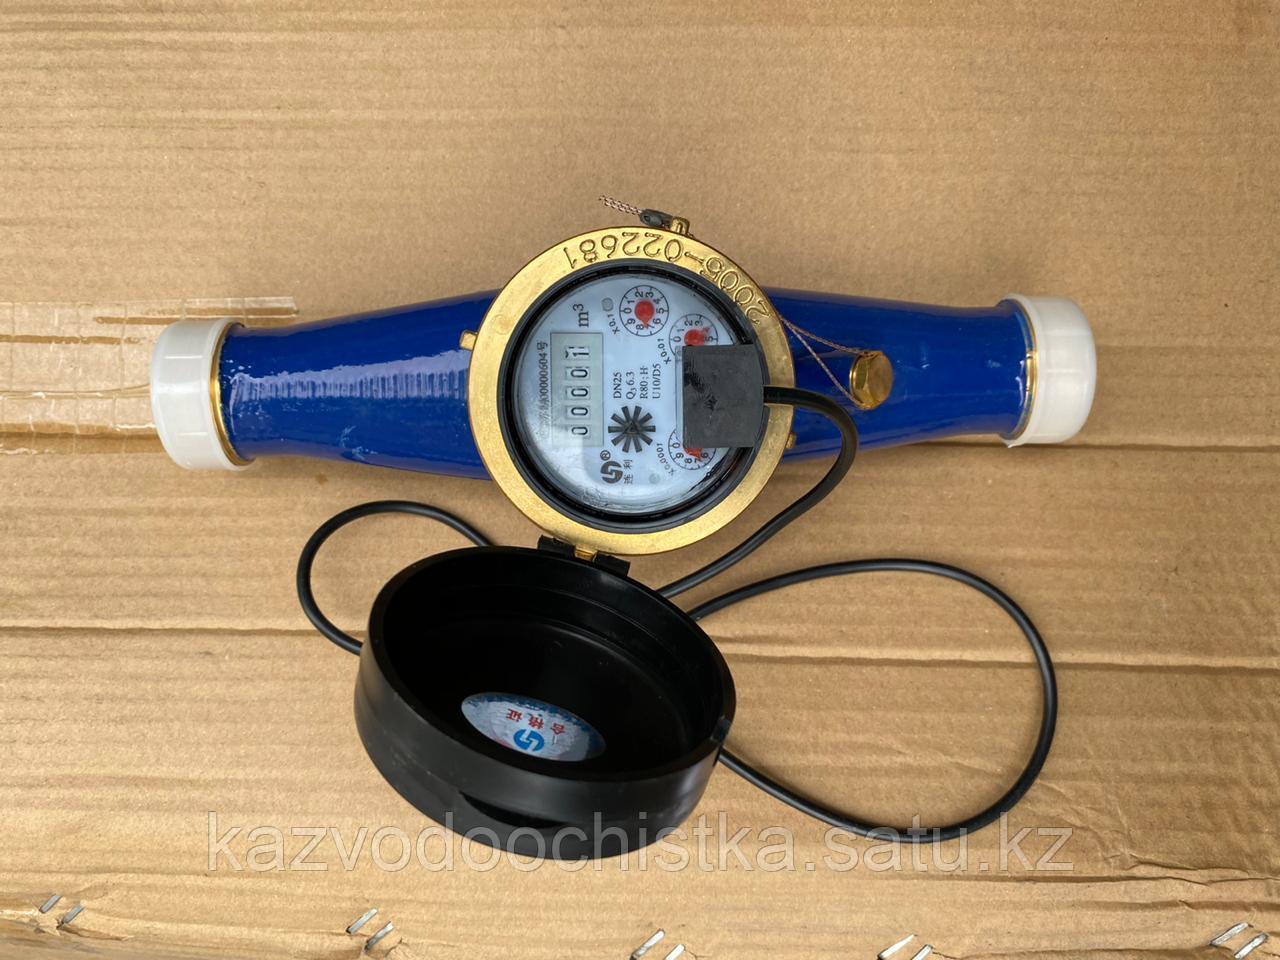 Счетчик с импульсиным расходомером 25 мм (1 дюйм) с пульсатором